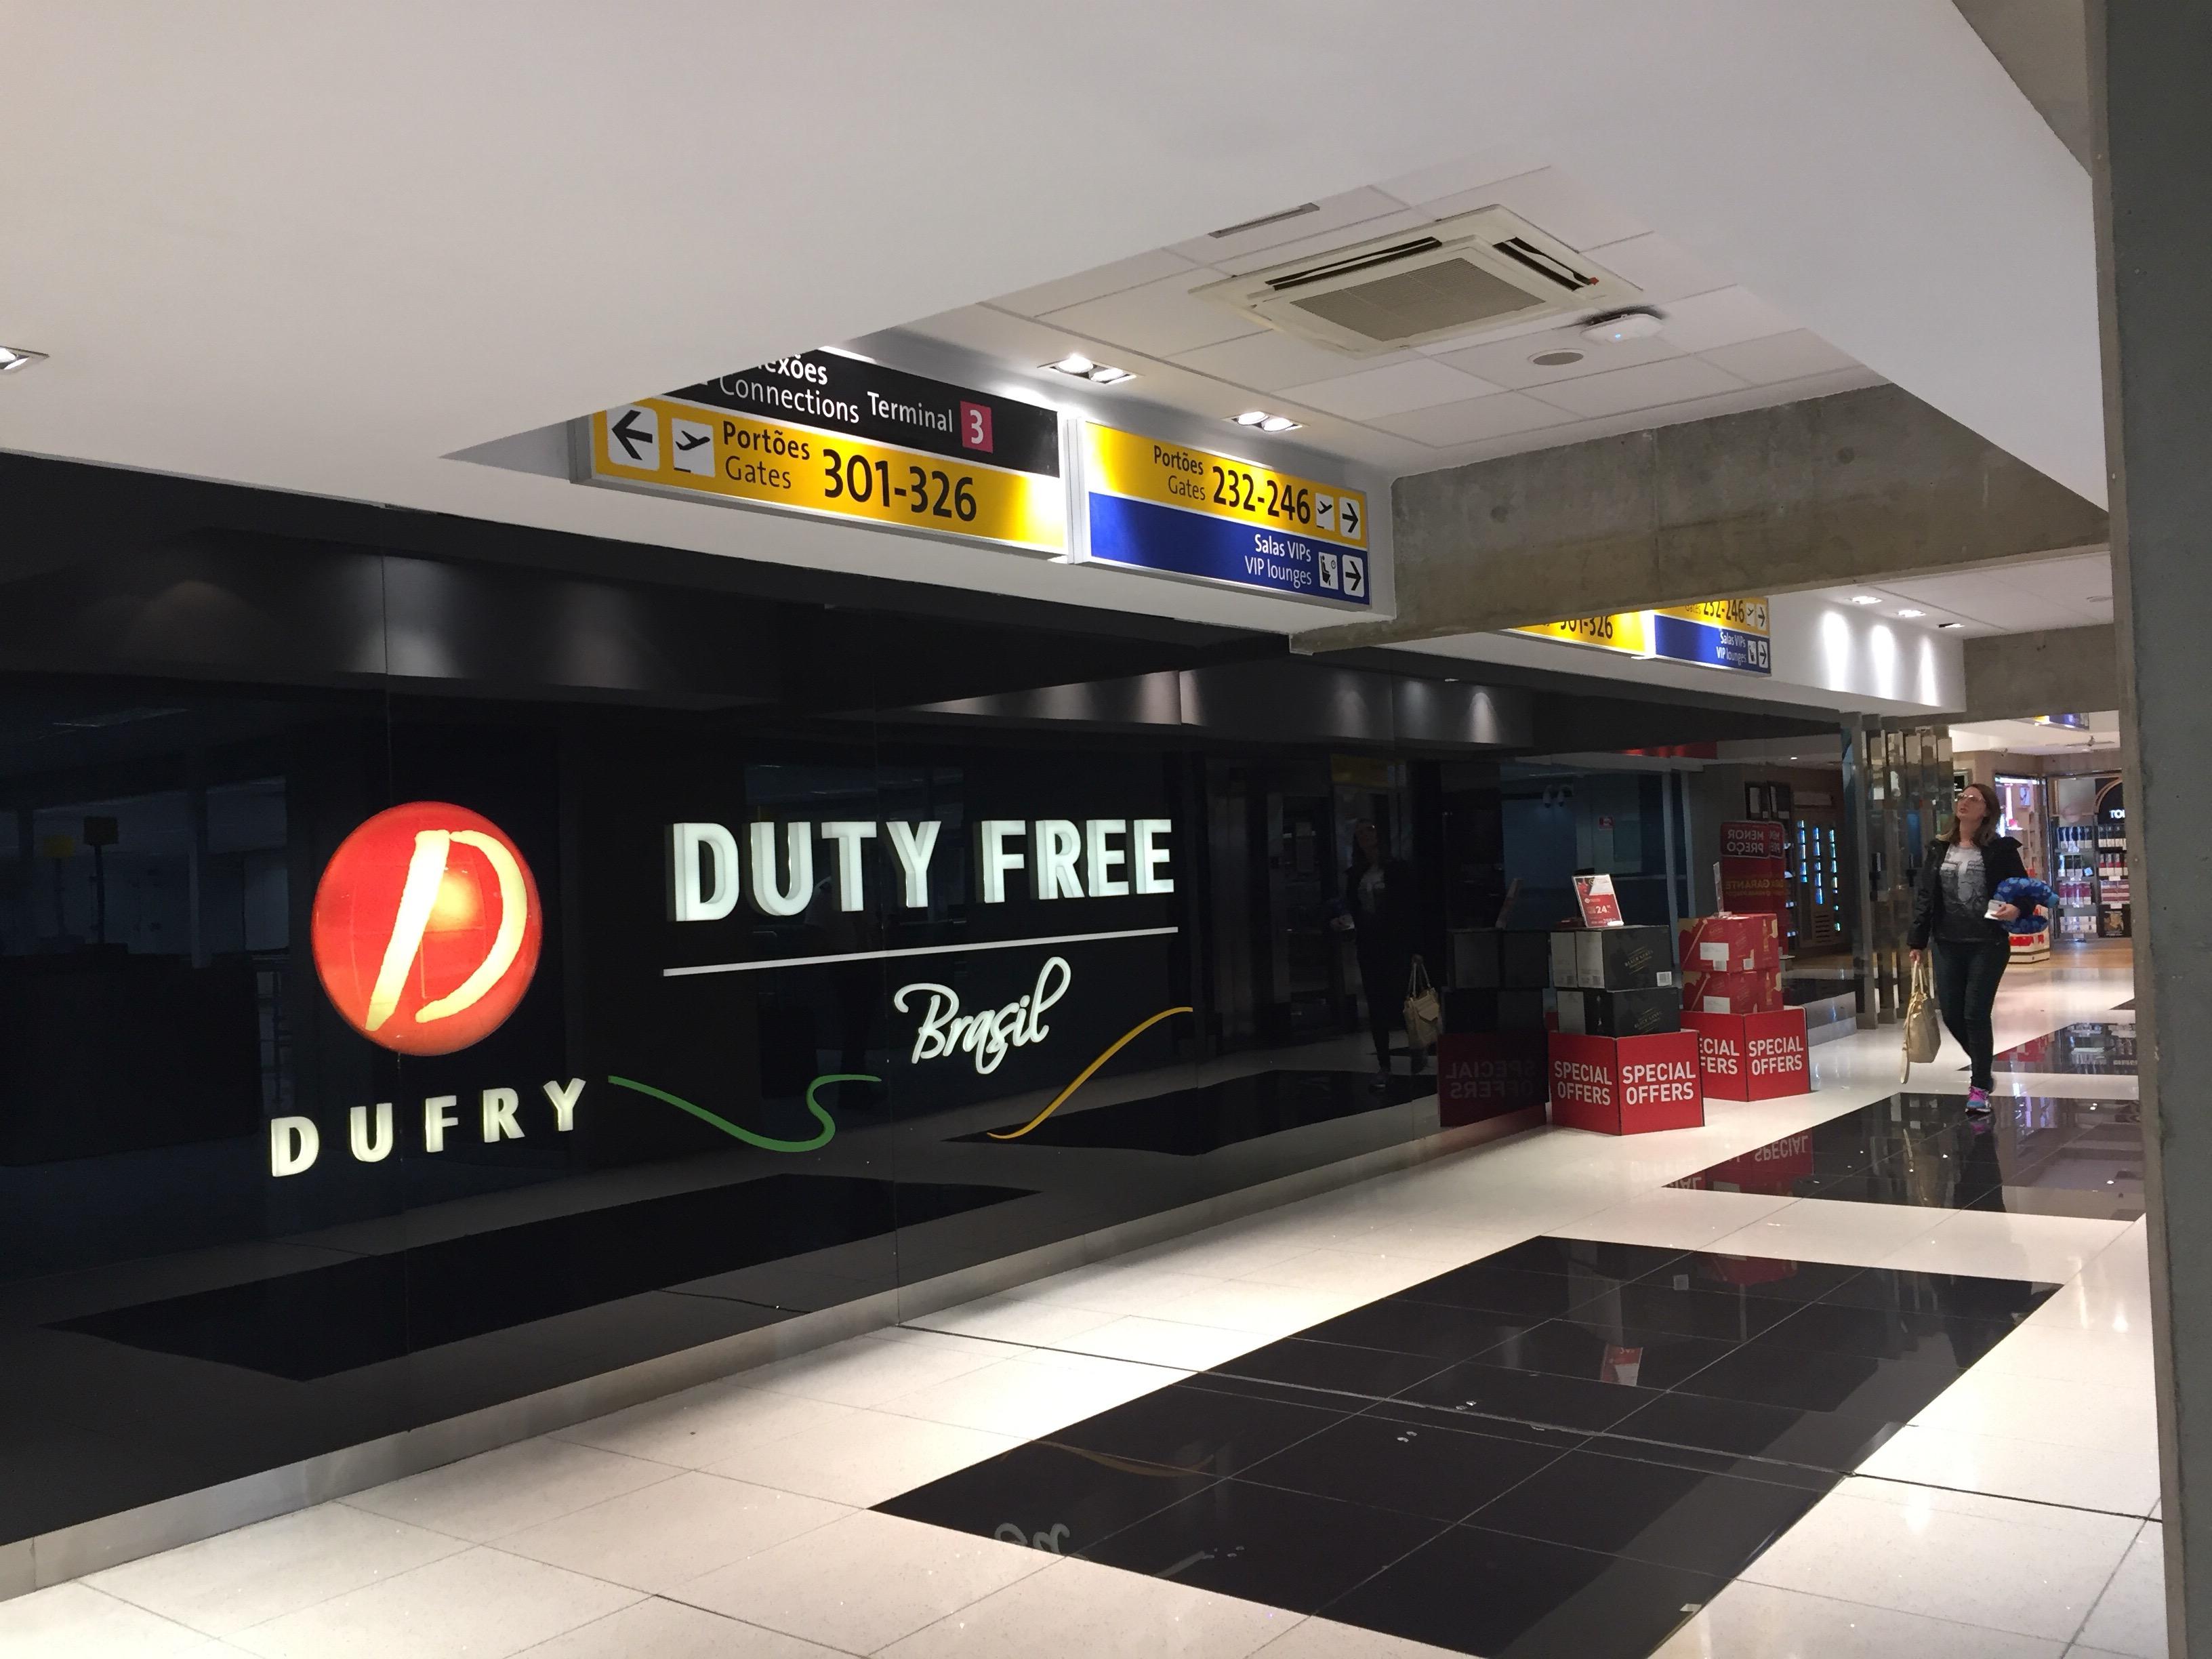 img 9604 - Cambio de Terminales en Guarulhos (San Pablo) para los vuelos regionales y sus caóticas consecuencias